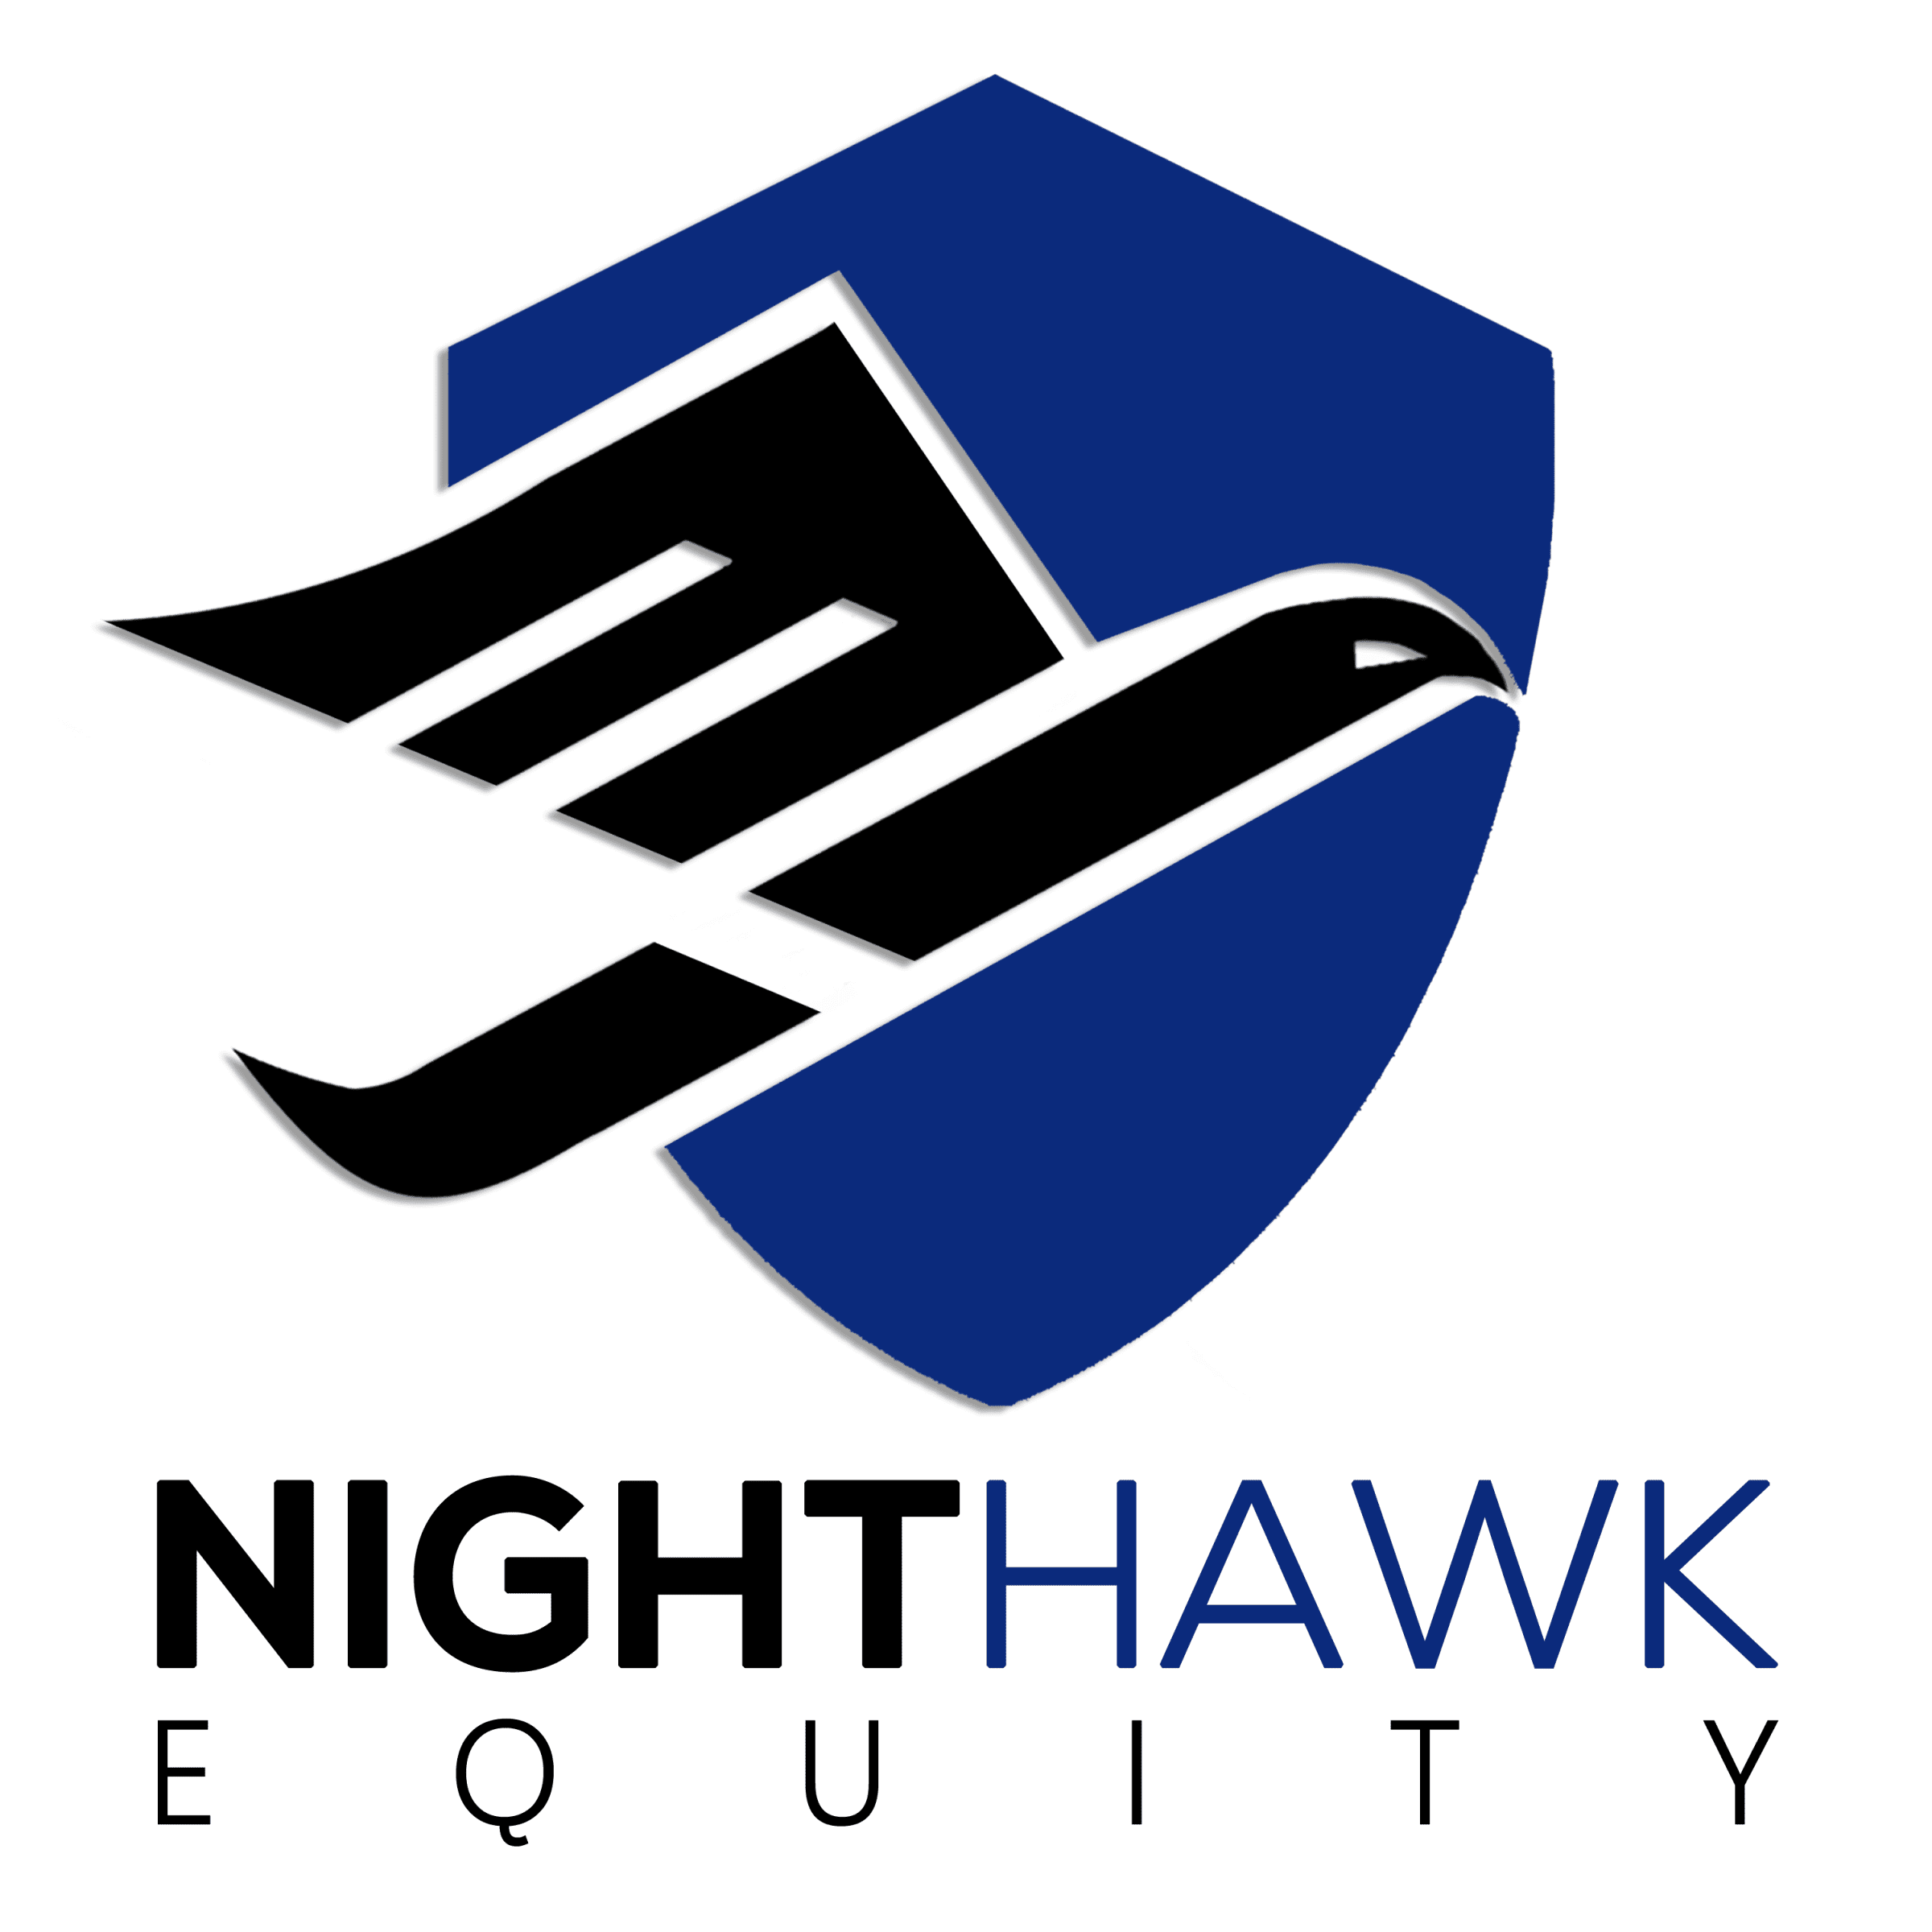 Nighthawk Equity